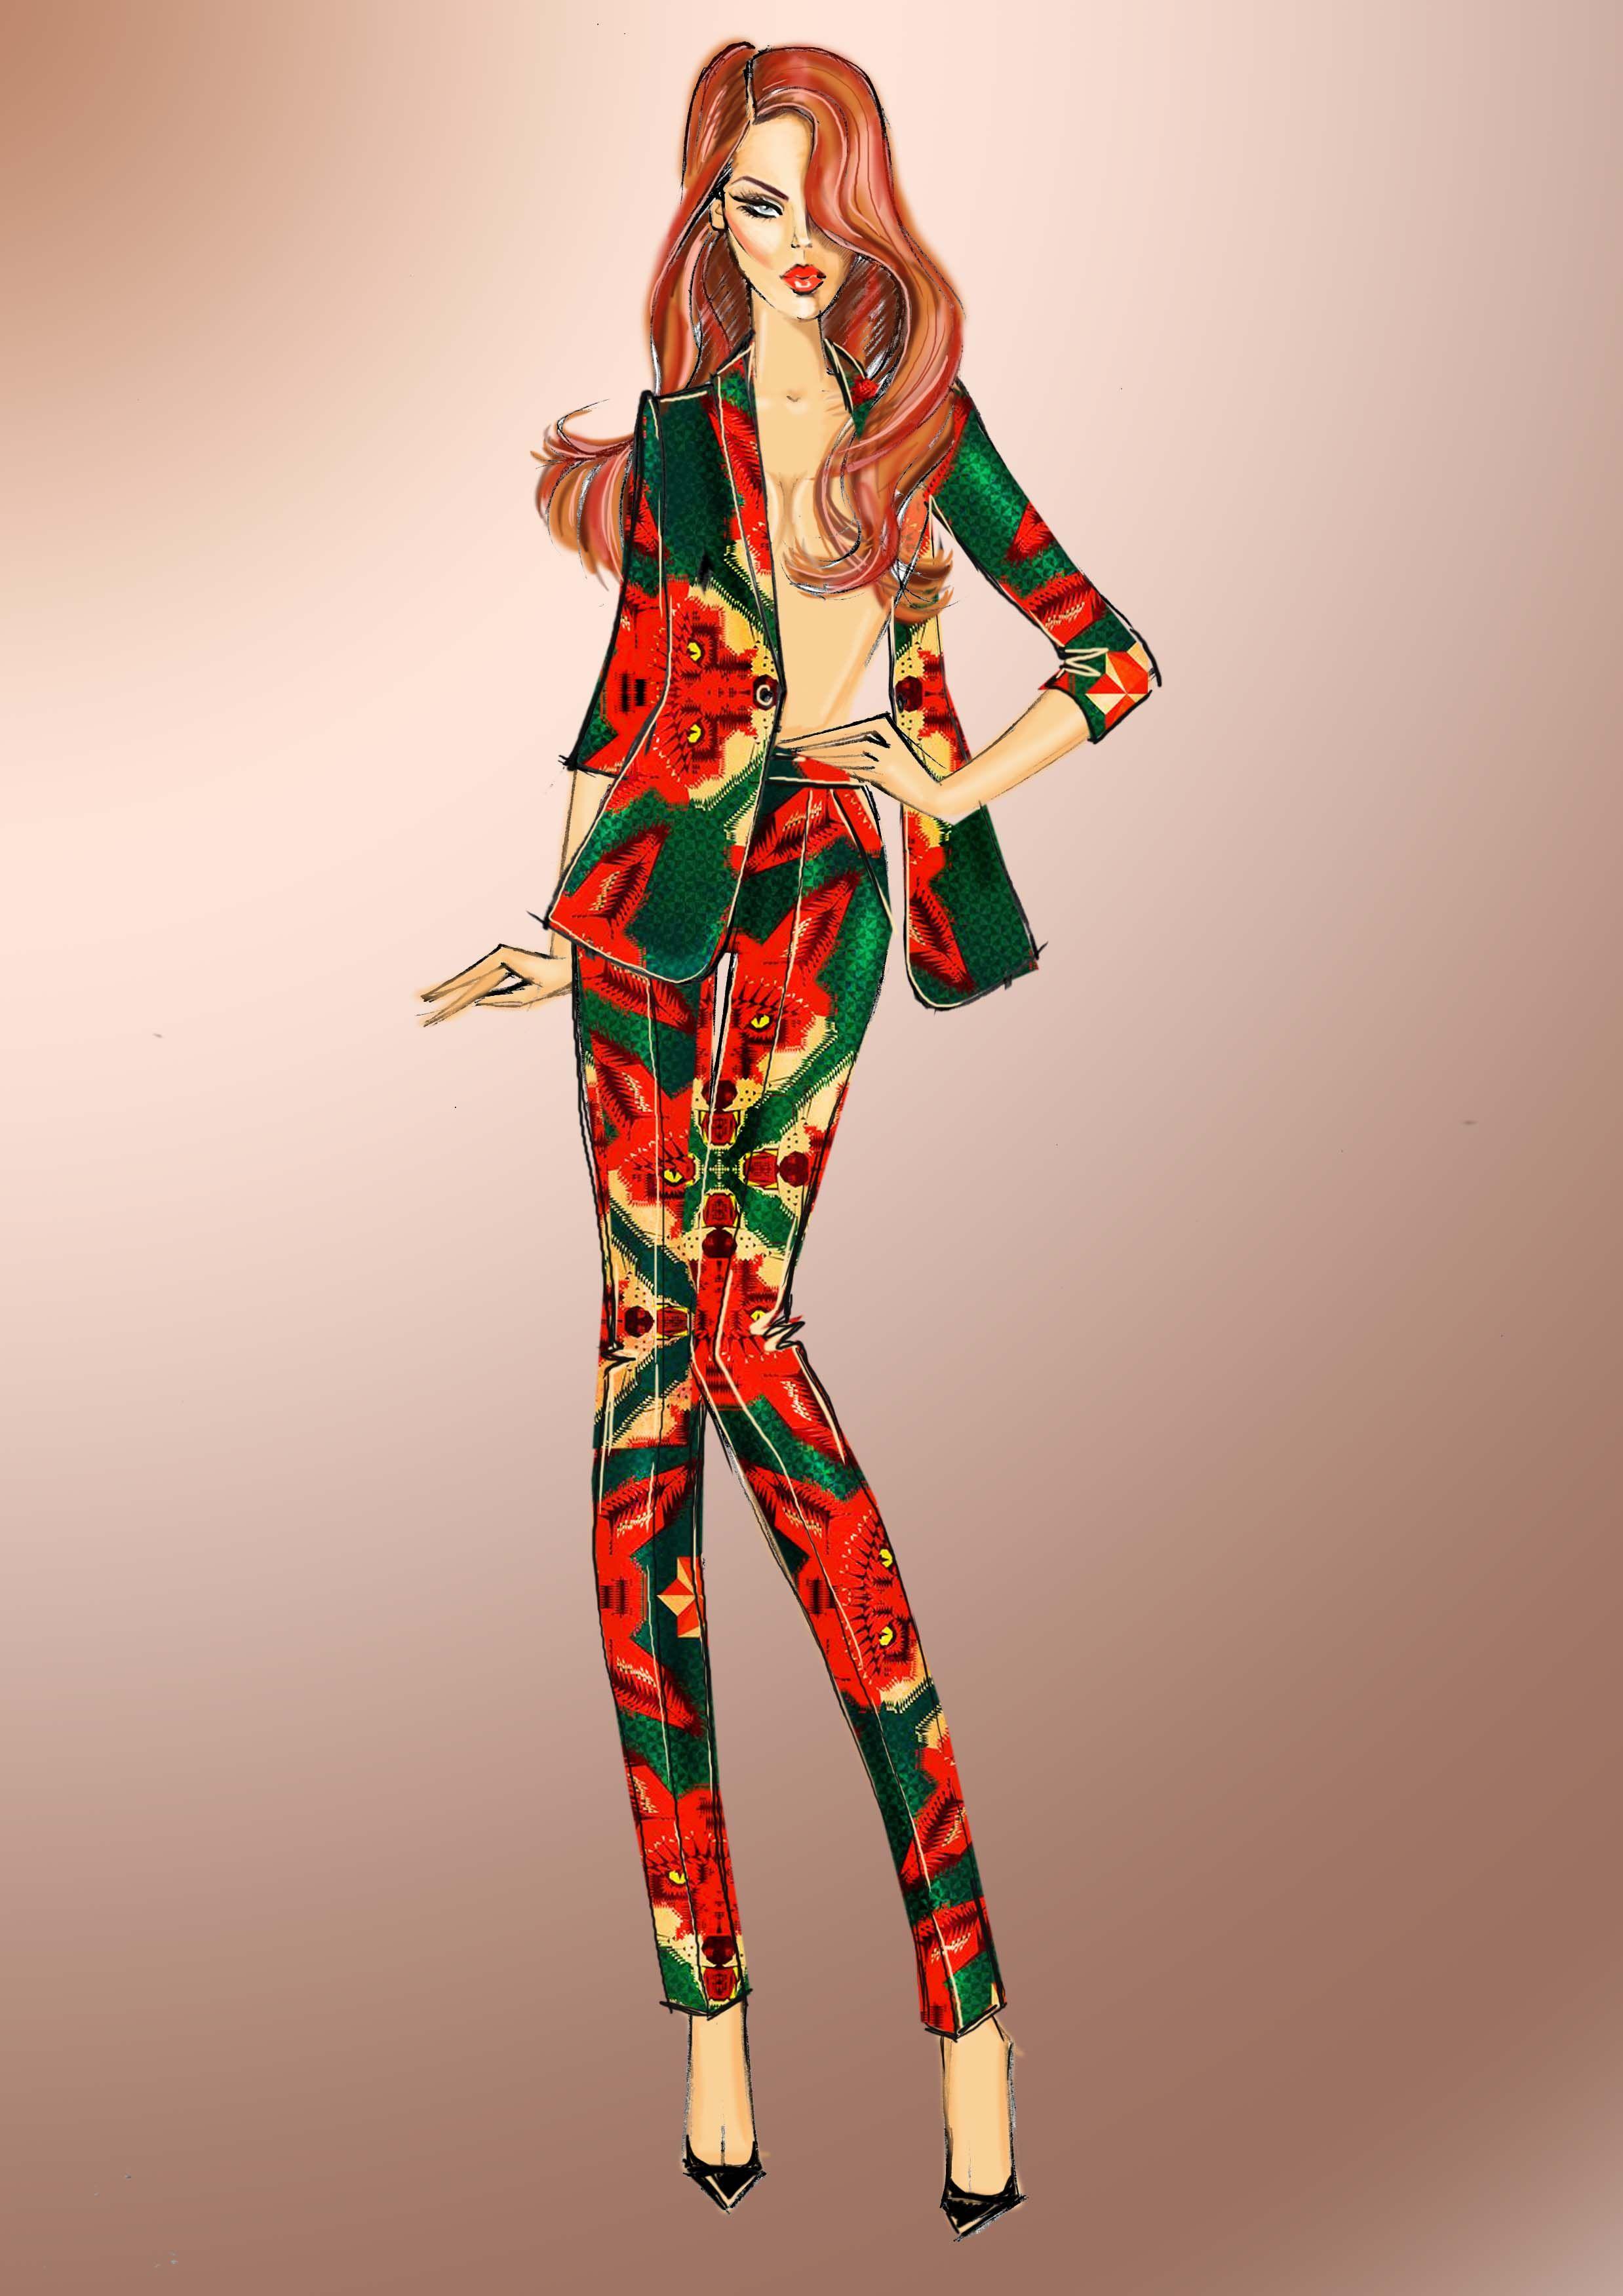 Открытки яндекс, картинки дизайнеров рисунки модной одежды